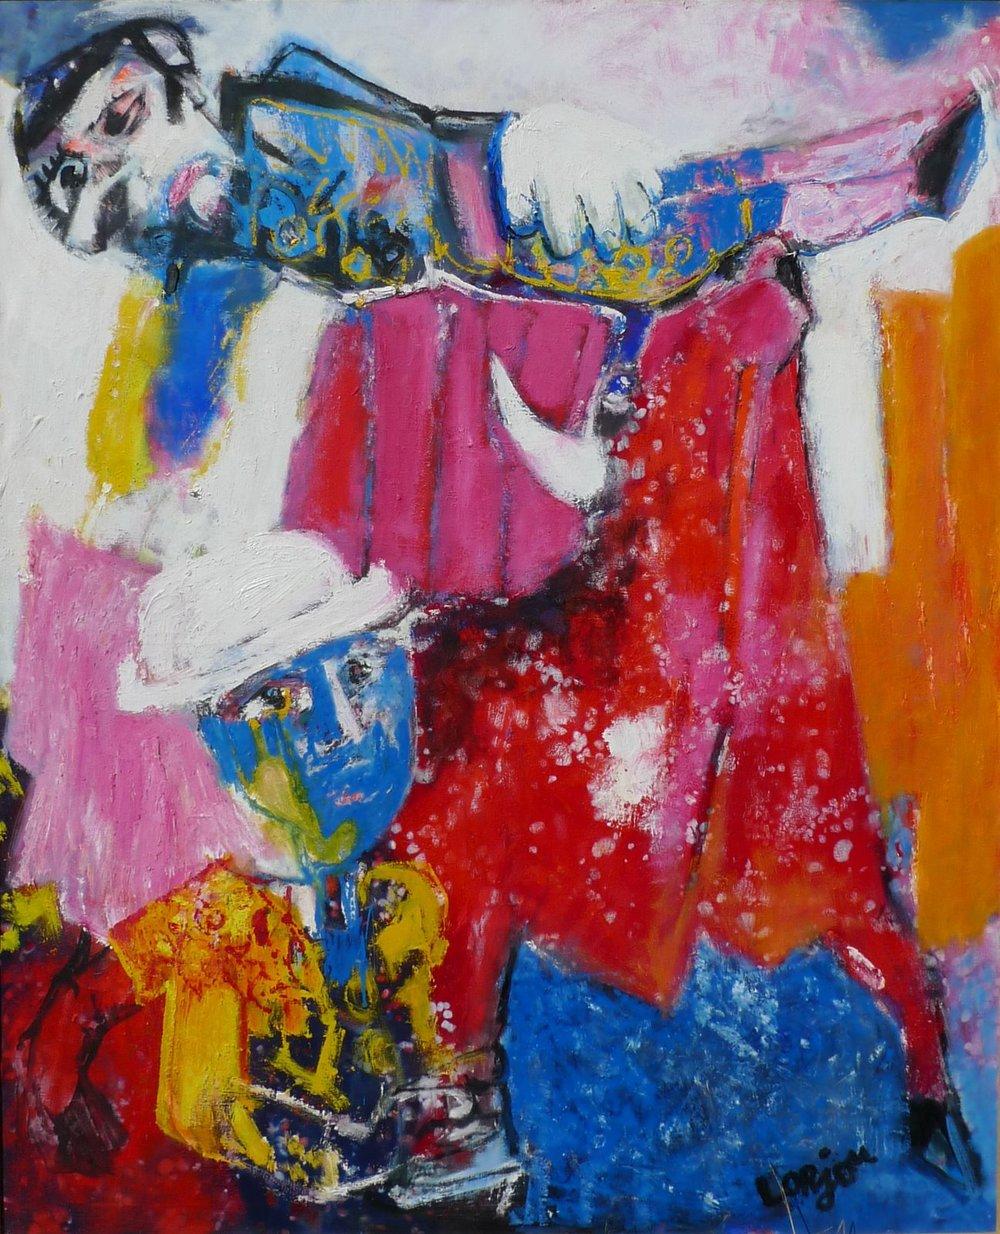 Red bull (1984-85)